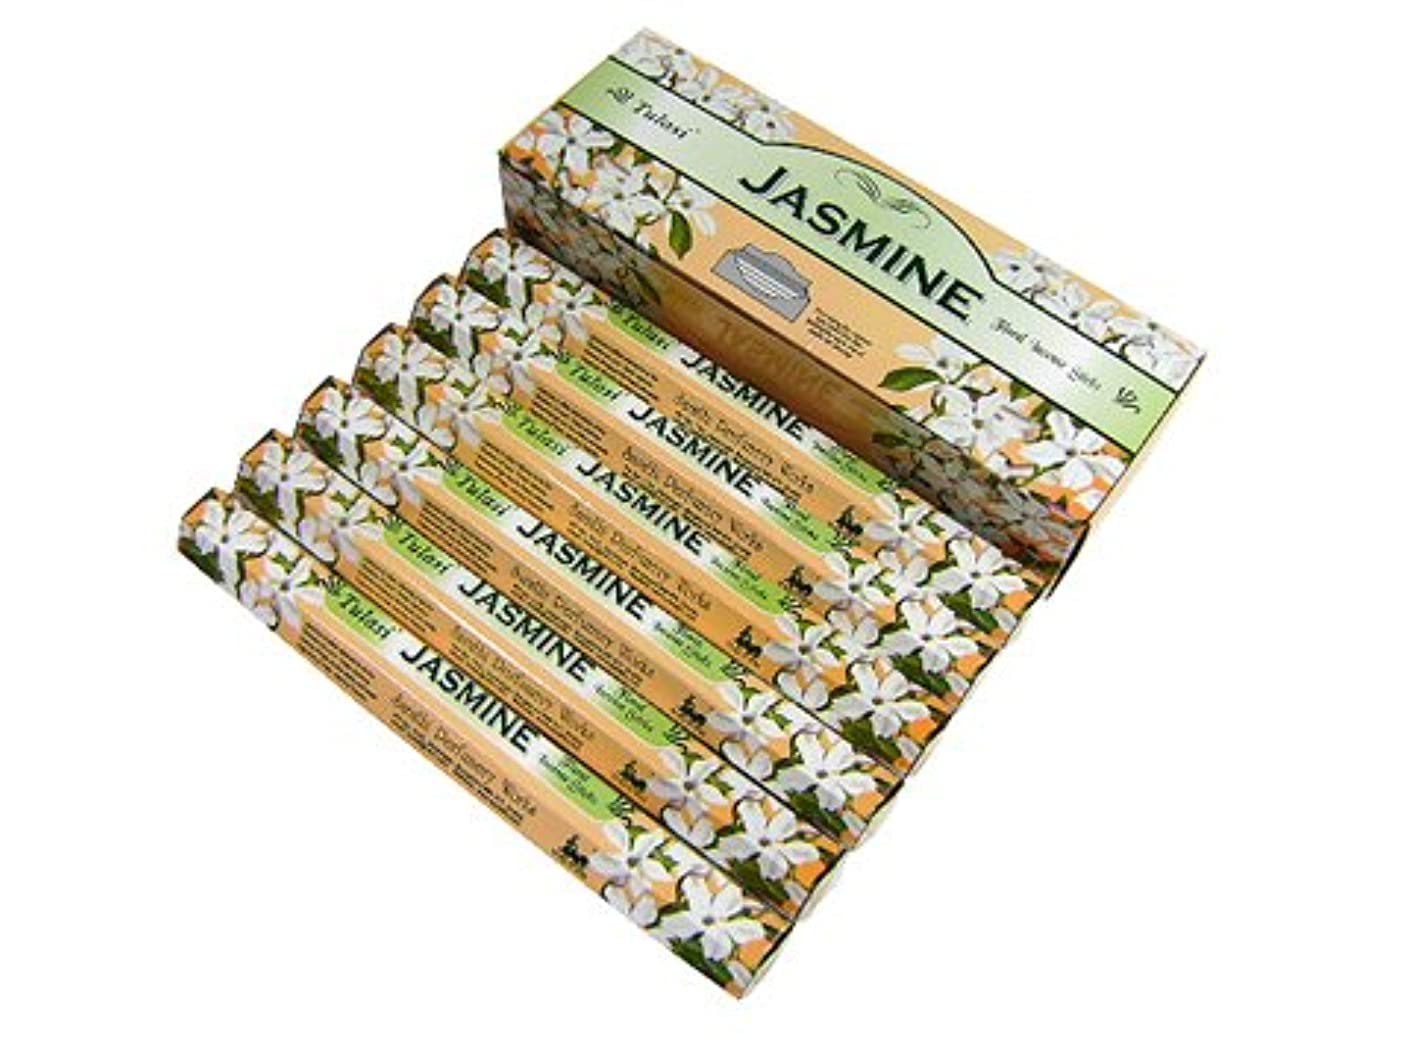 夢余暇精巧なTULASI(トゥラシ) ジャスミン香 スティック JASMINE 6箱セット